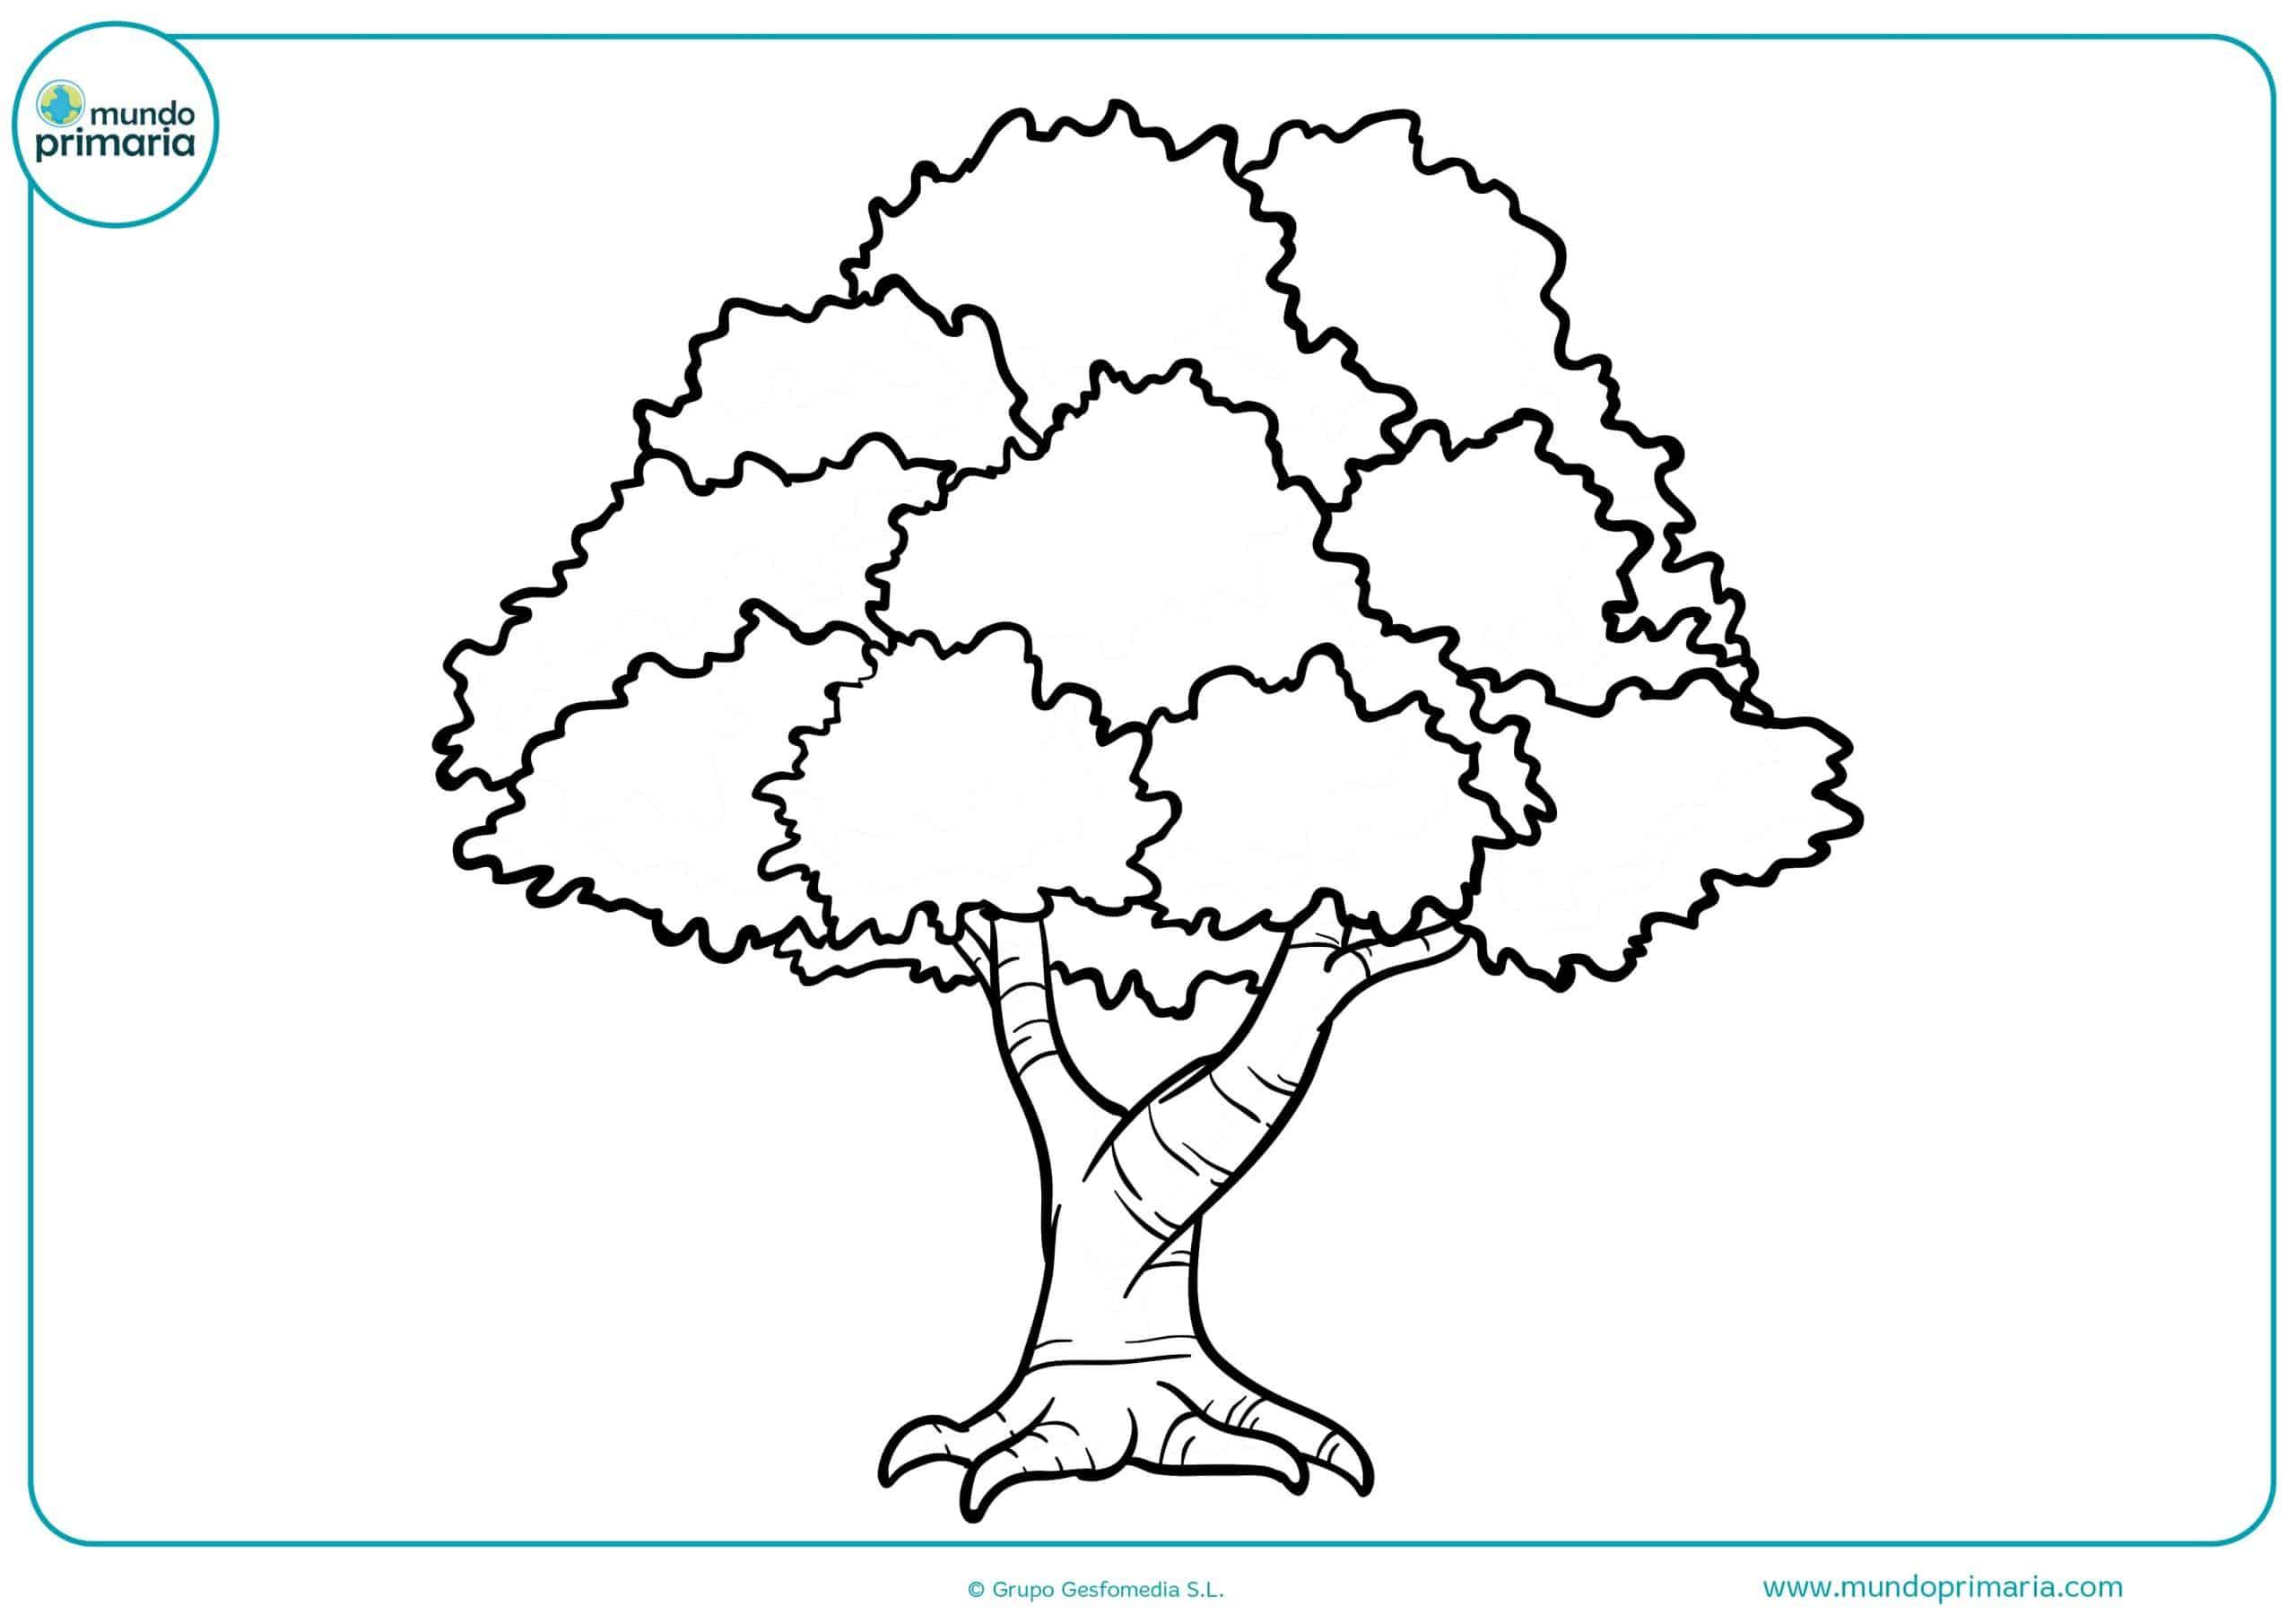 Dibujos de árboles para colorear - Mundo Primaria